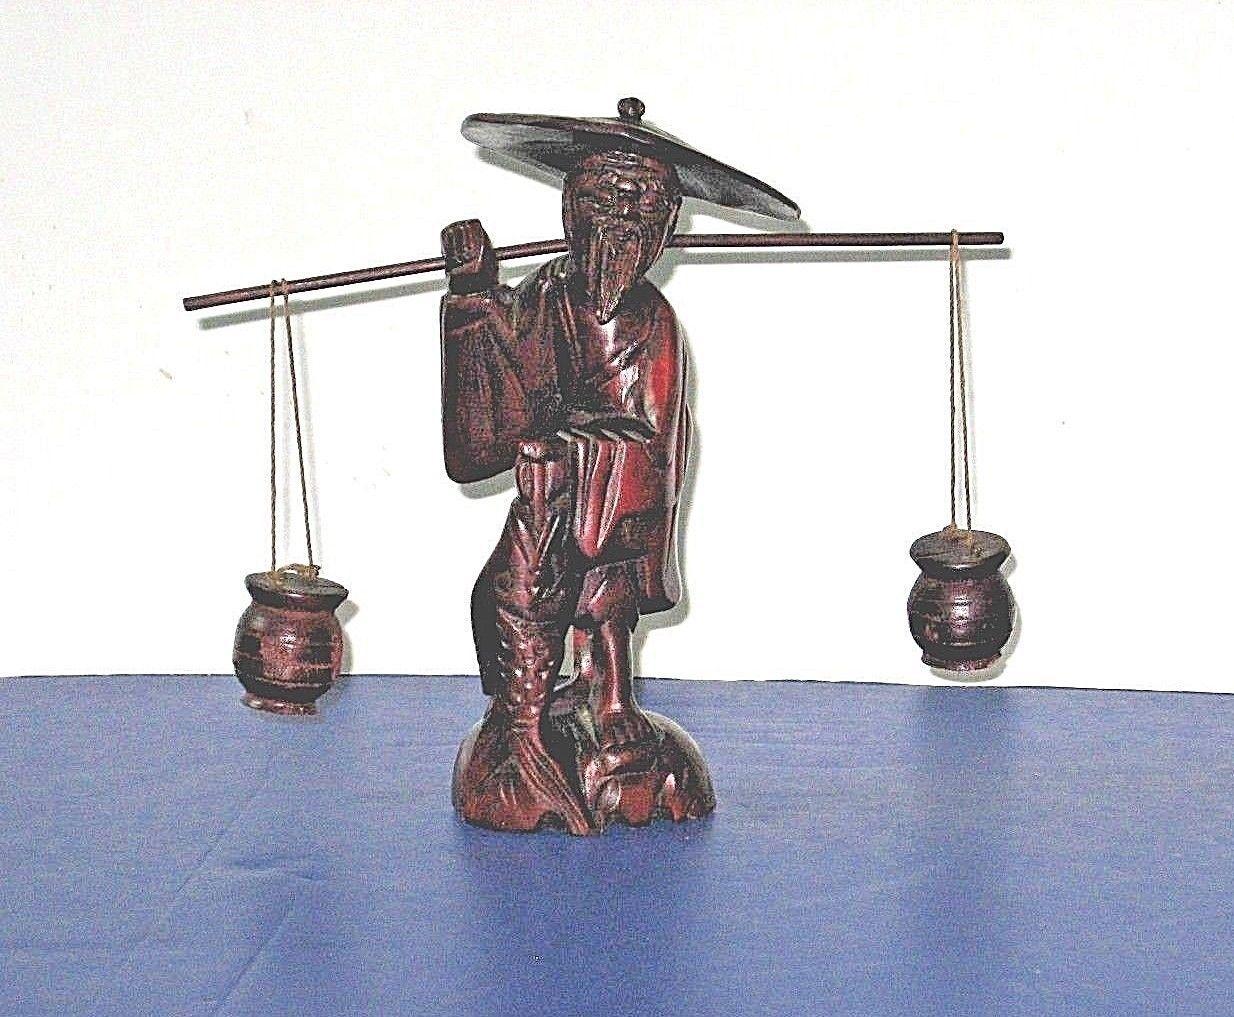 ASIAN CARVING:   Old Man Balancing Pots While Carrying Big Fish